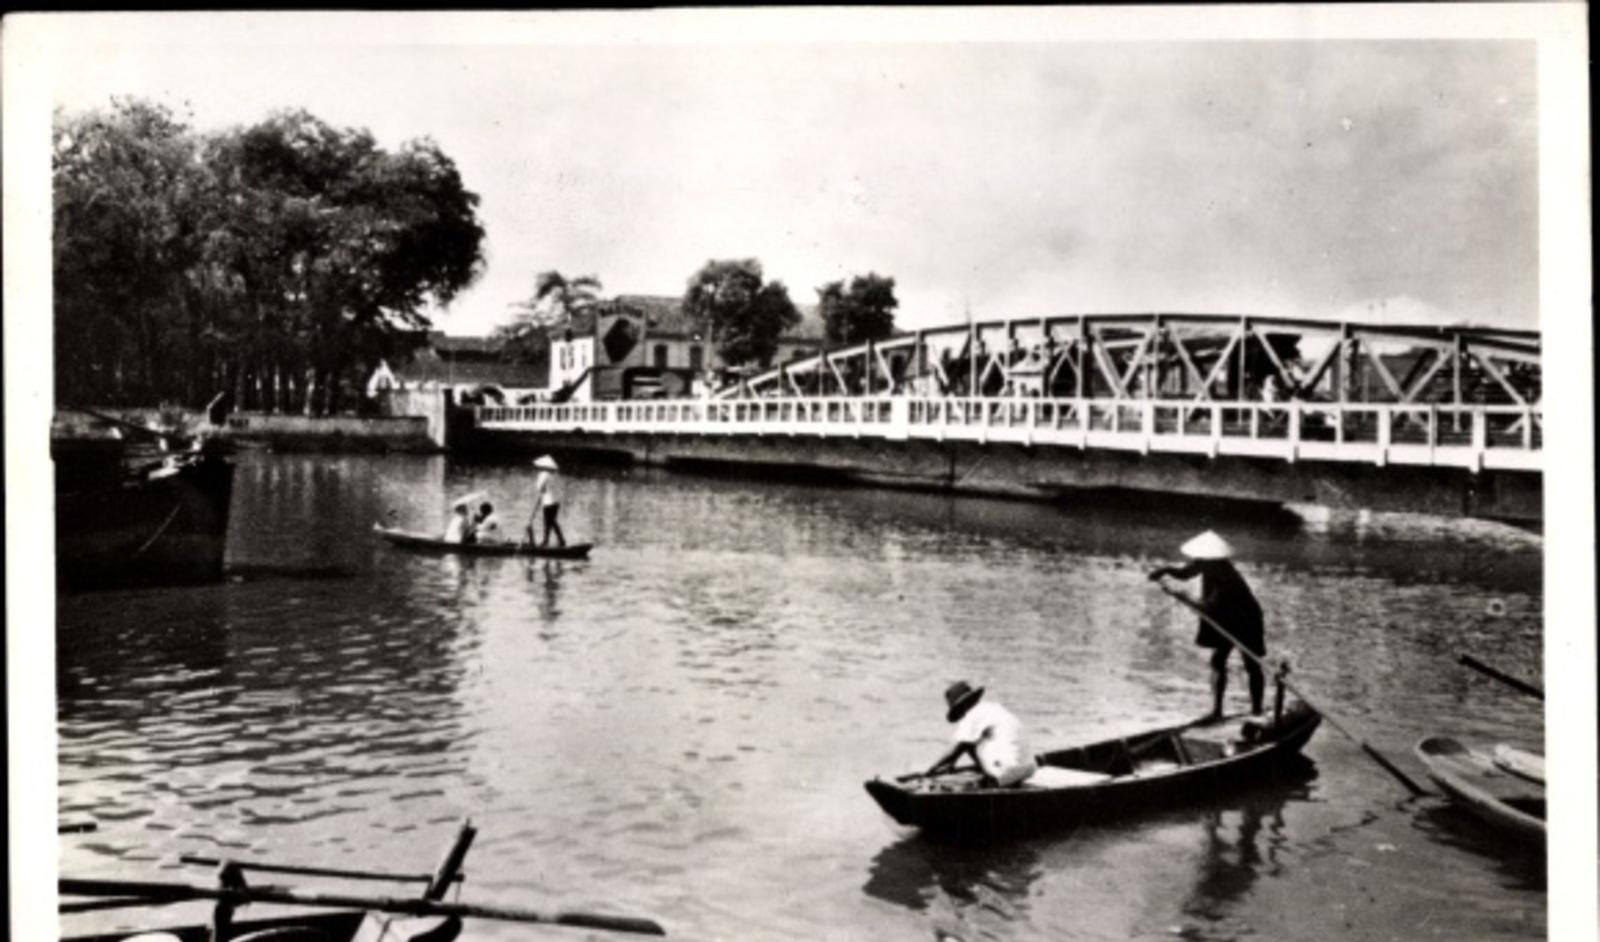 Hô Chi Minh-Ville -  Cp Saigon Cochinchine Vietnam, Le pont de Khannhoi